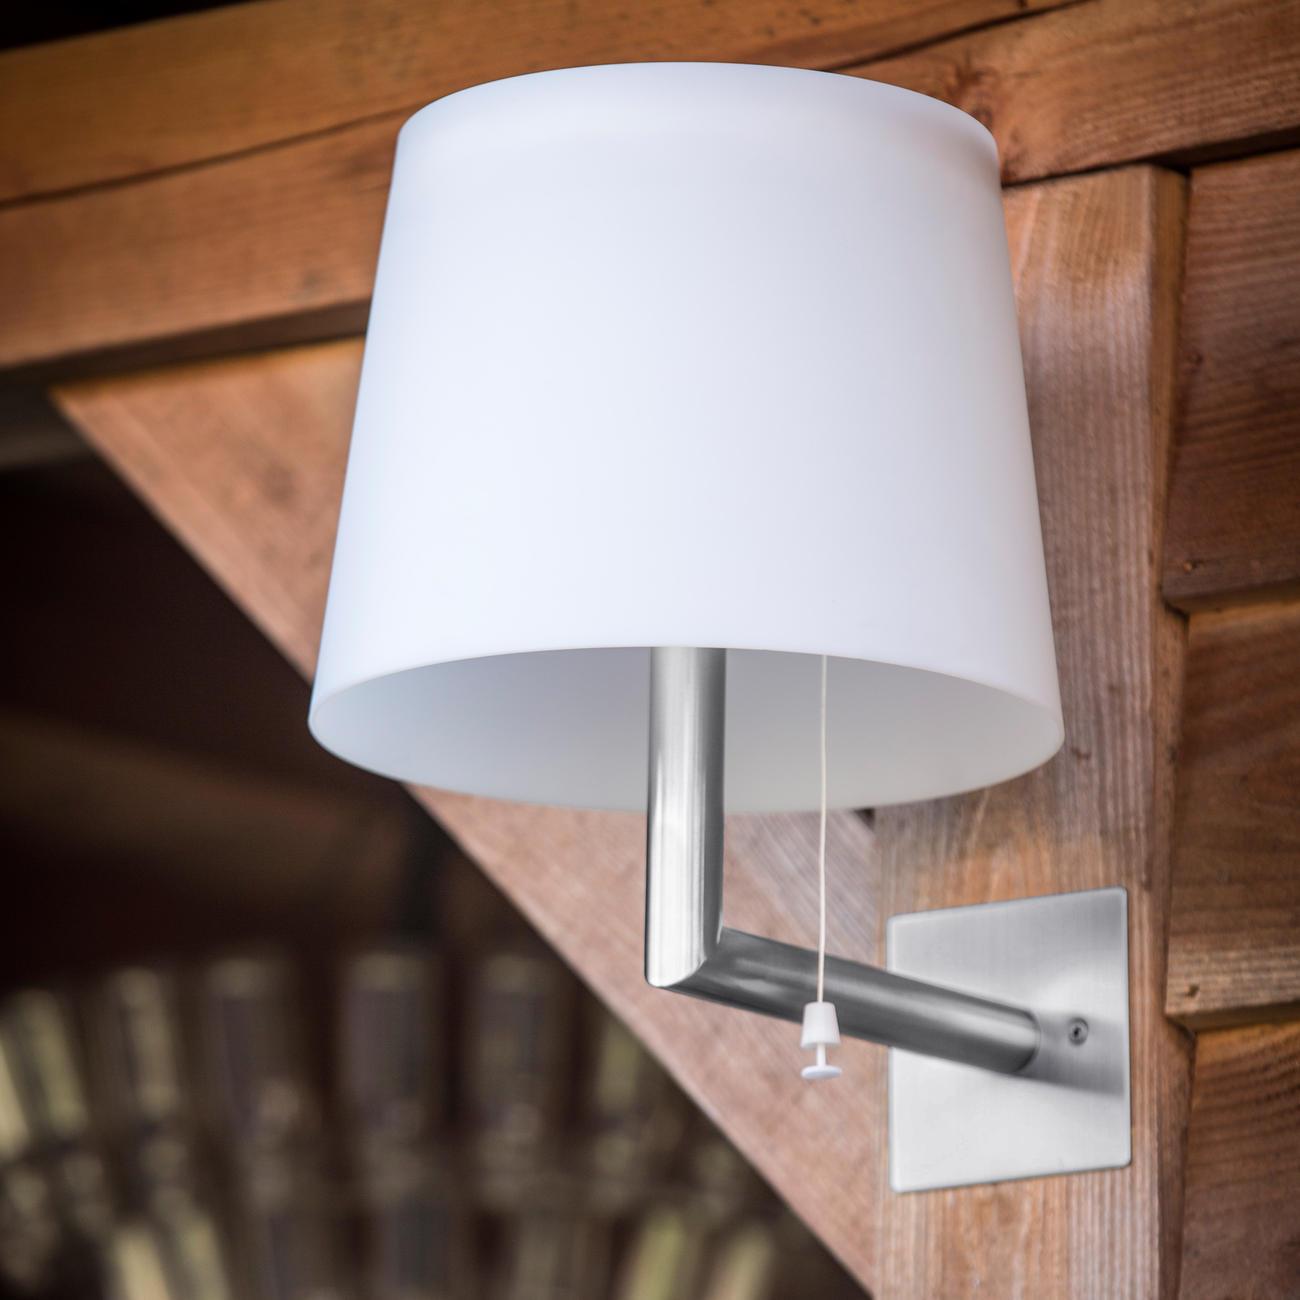 Solarlampen   3 jaar productgarantie   Pro Idee